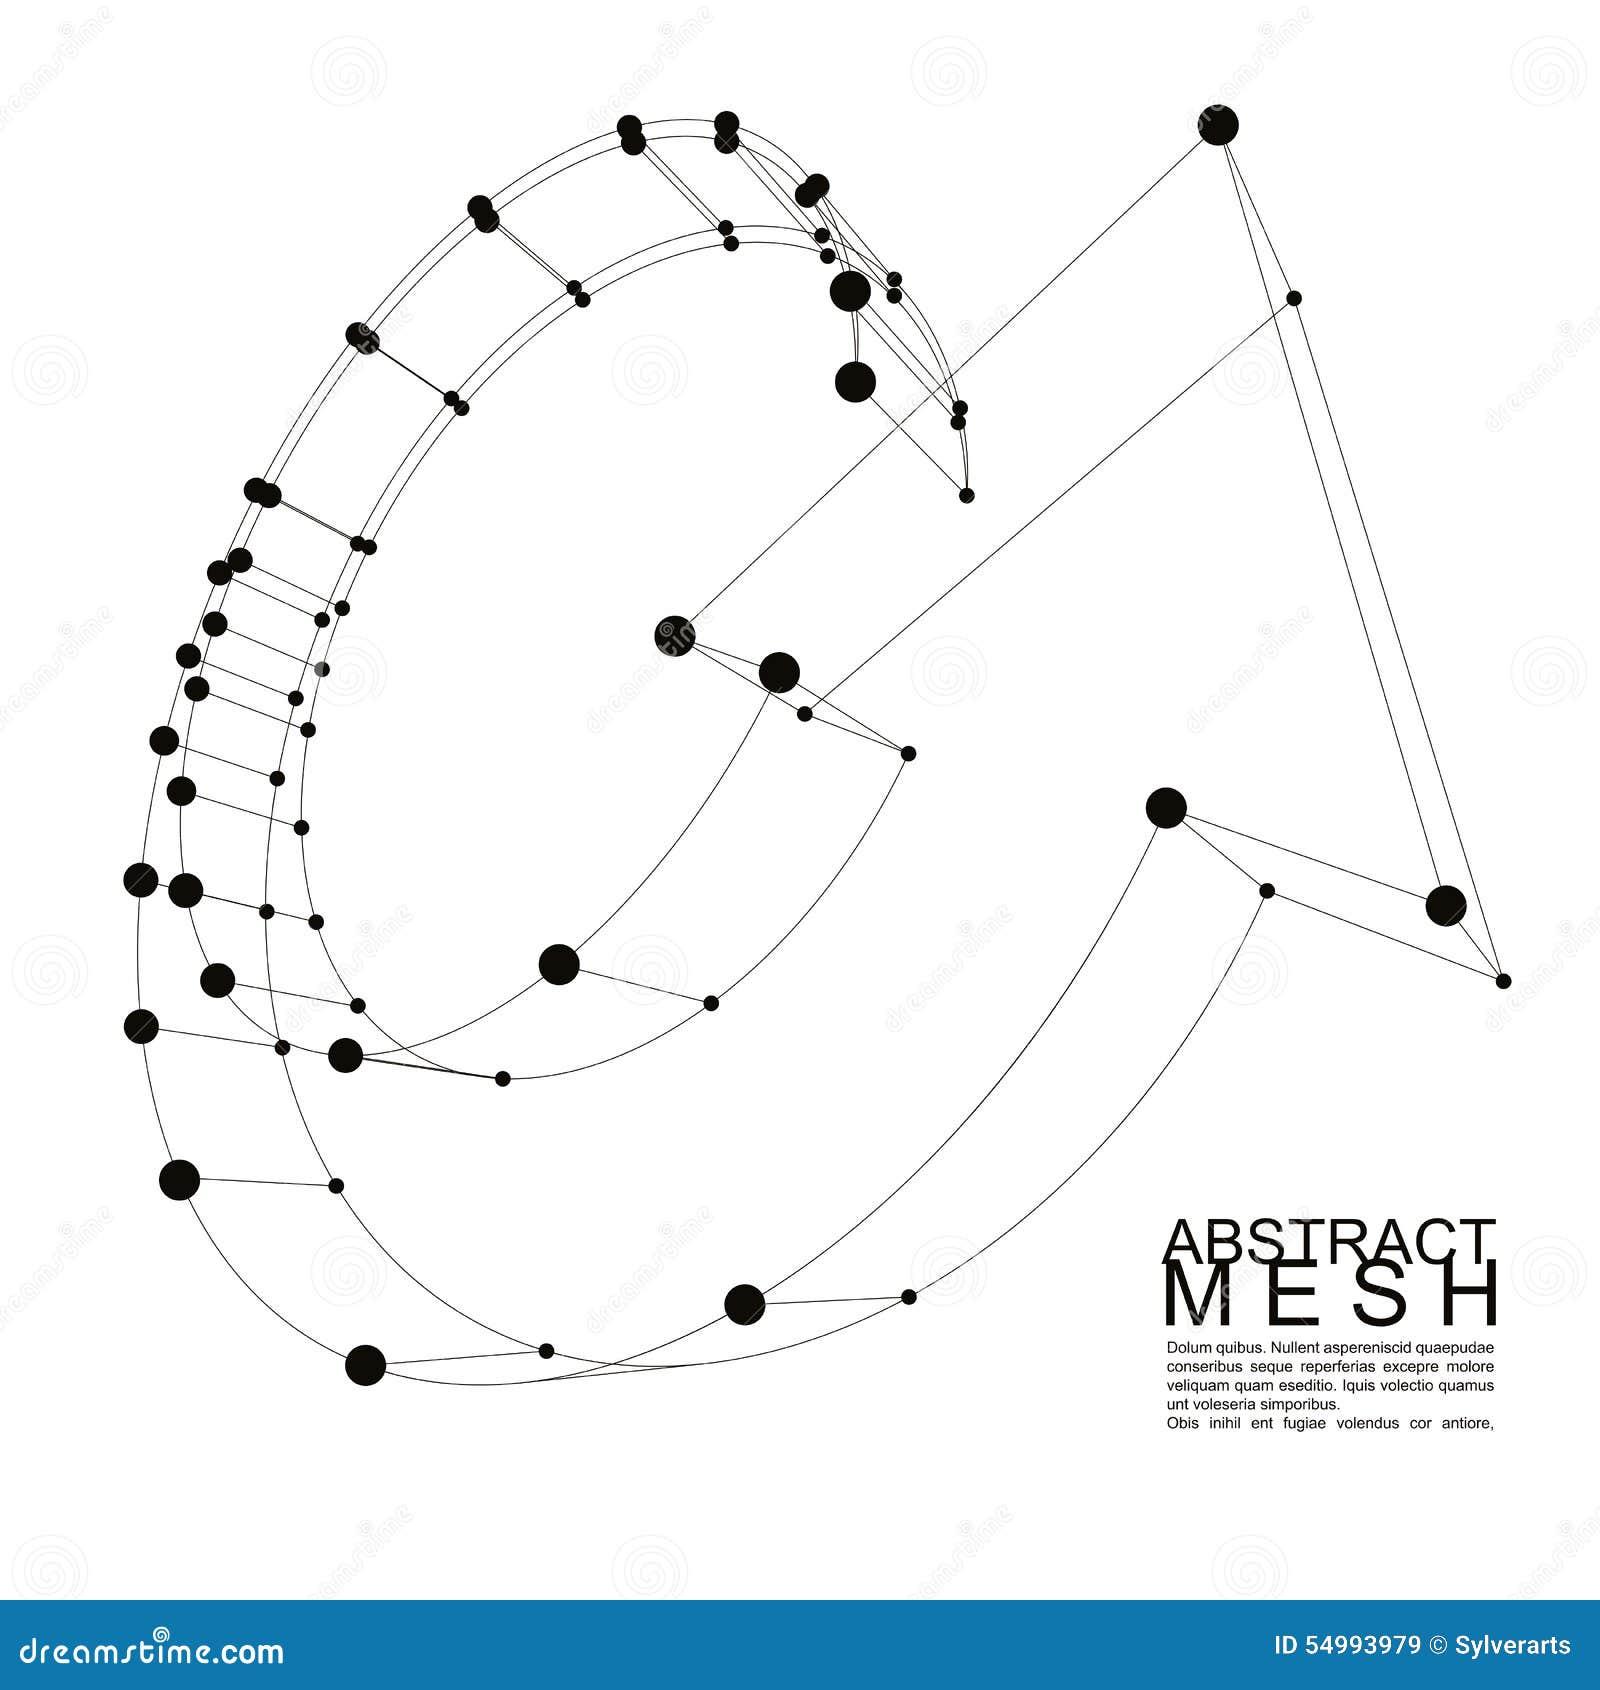 Abstrakter Vektorhintergrund, moderne Arttechnologie und Wissenschaft